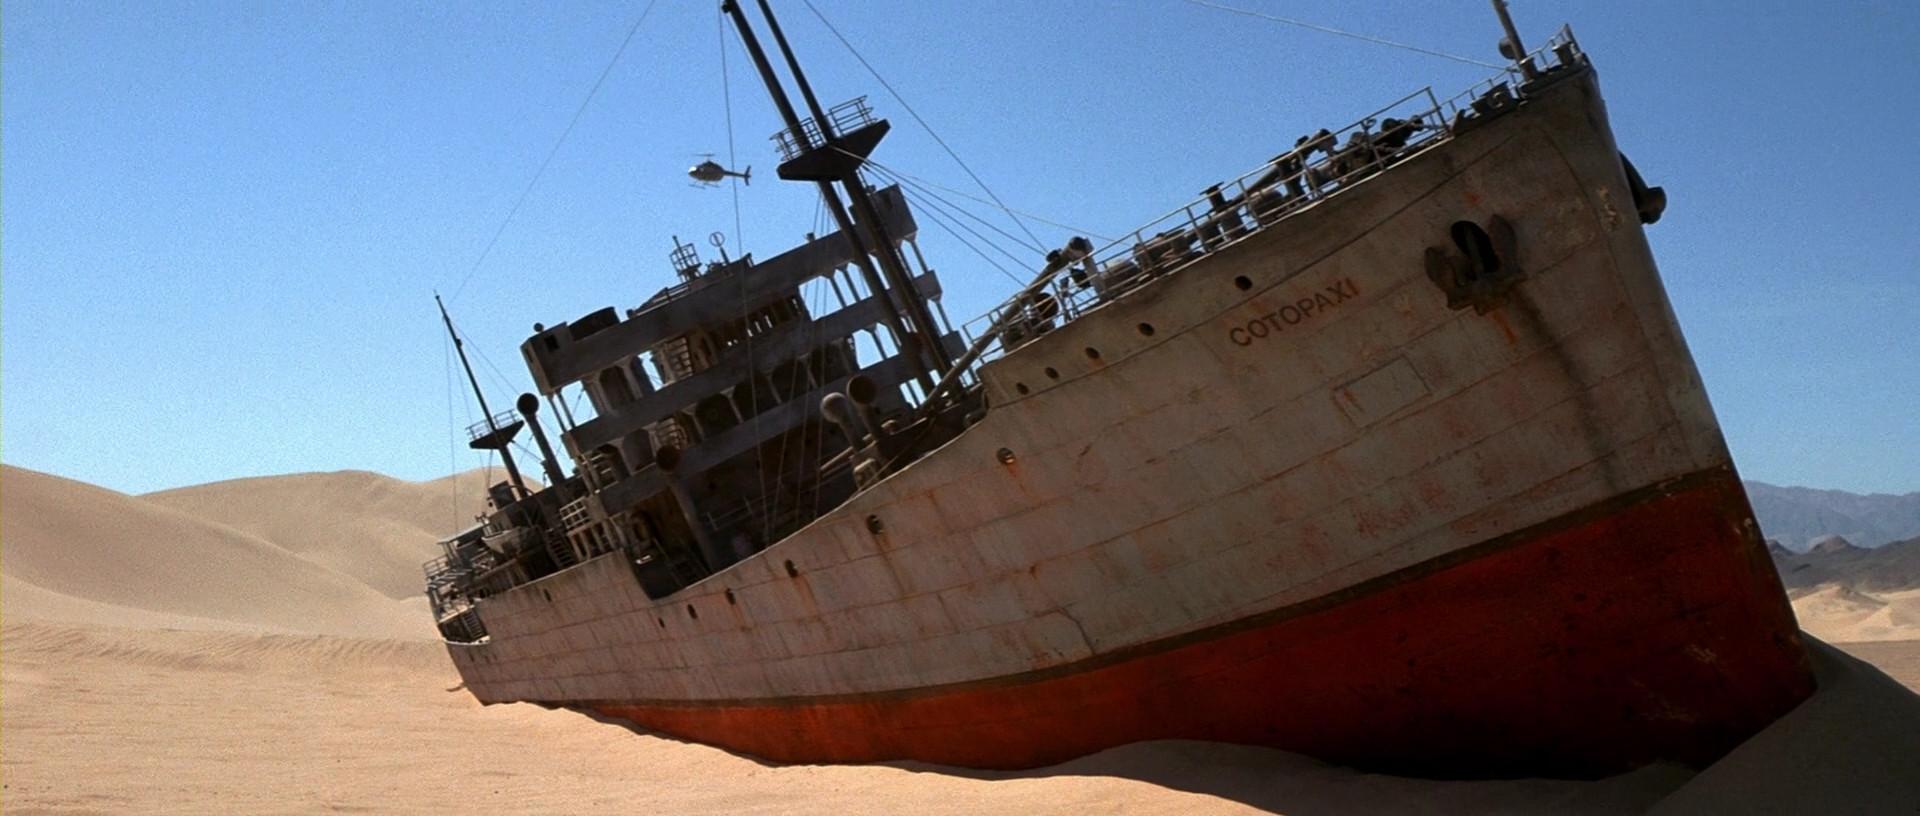 """Фотография SS Cotopaxi из фильма """"Близкие контакты третьей степени"""""""